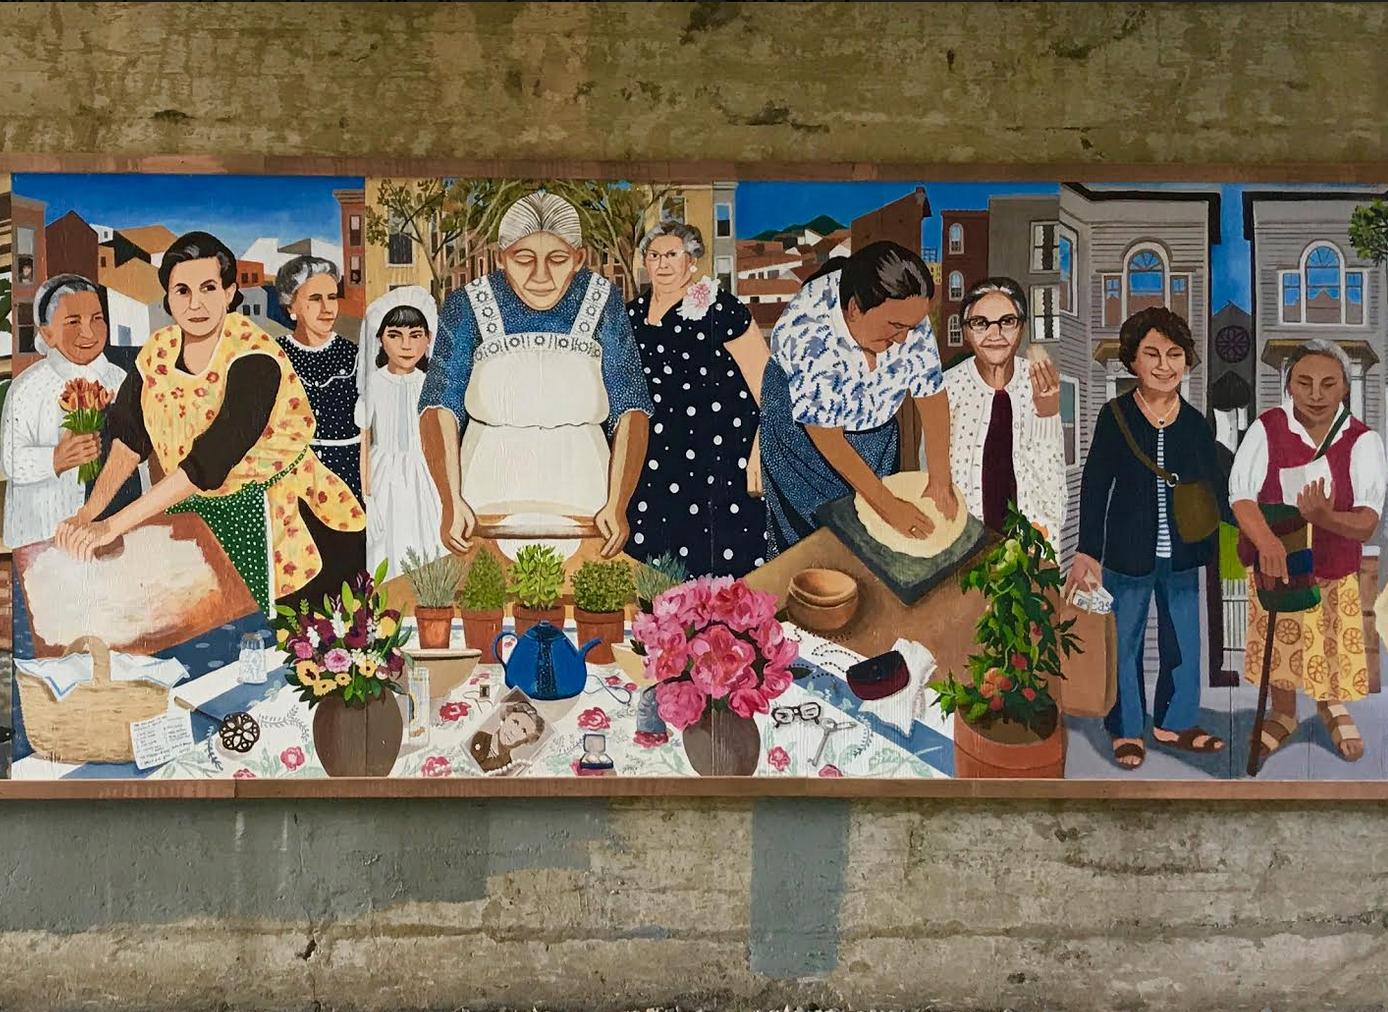 El mural fue pintado en paneles dentro de un centro comunitario en East Boston.